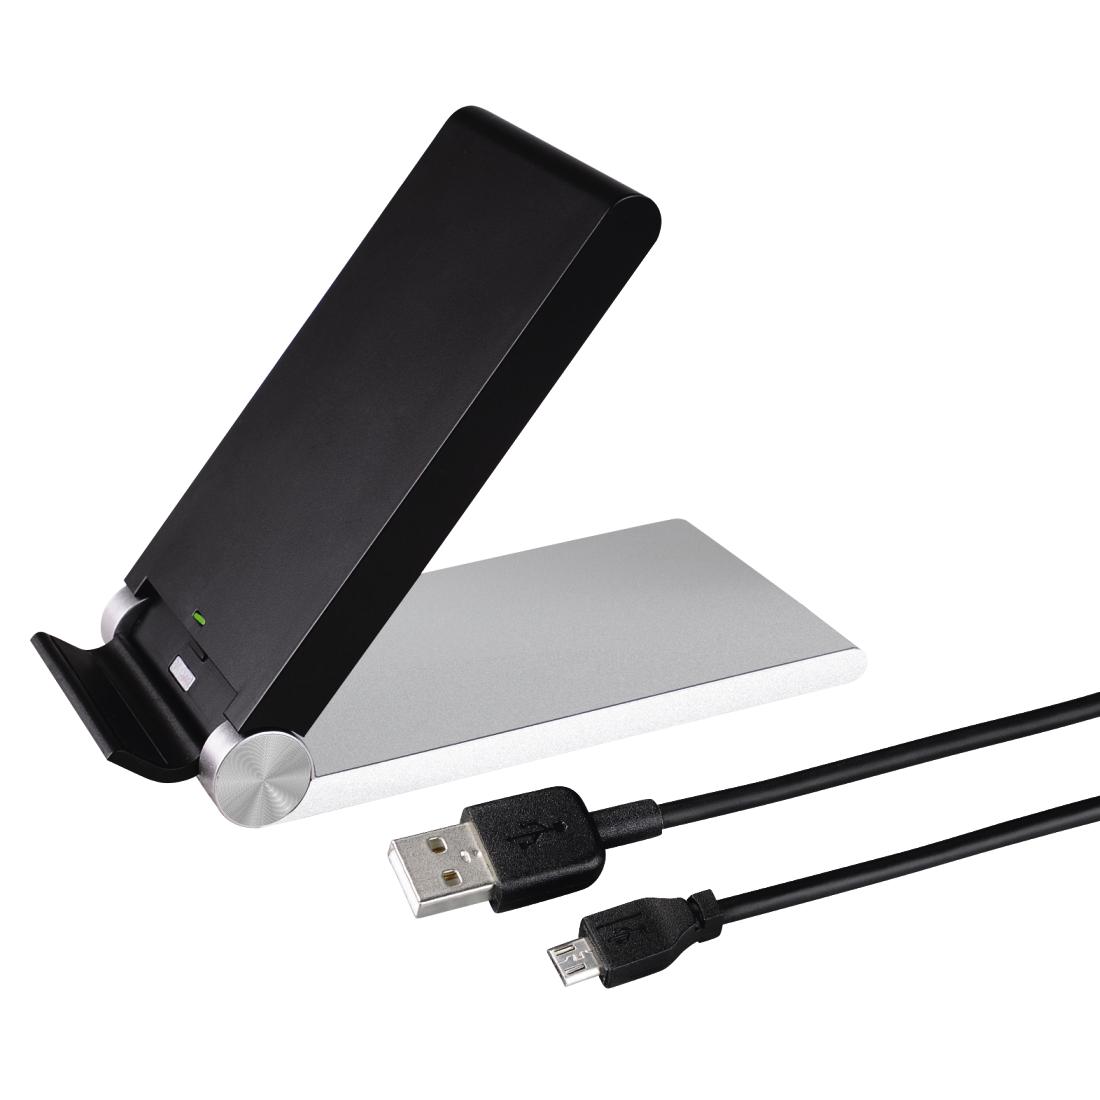 00080595 hama desk induction charger. Black Bedroom Furniture Sets. Home Design Ideas